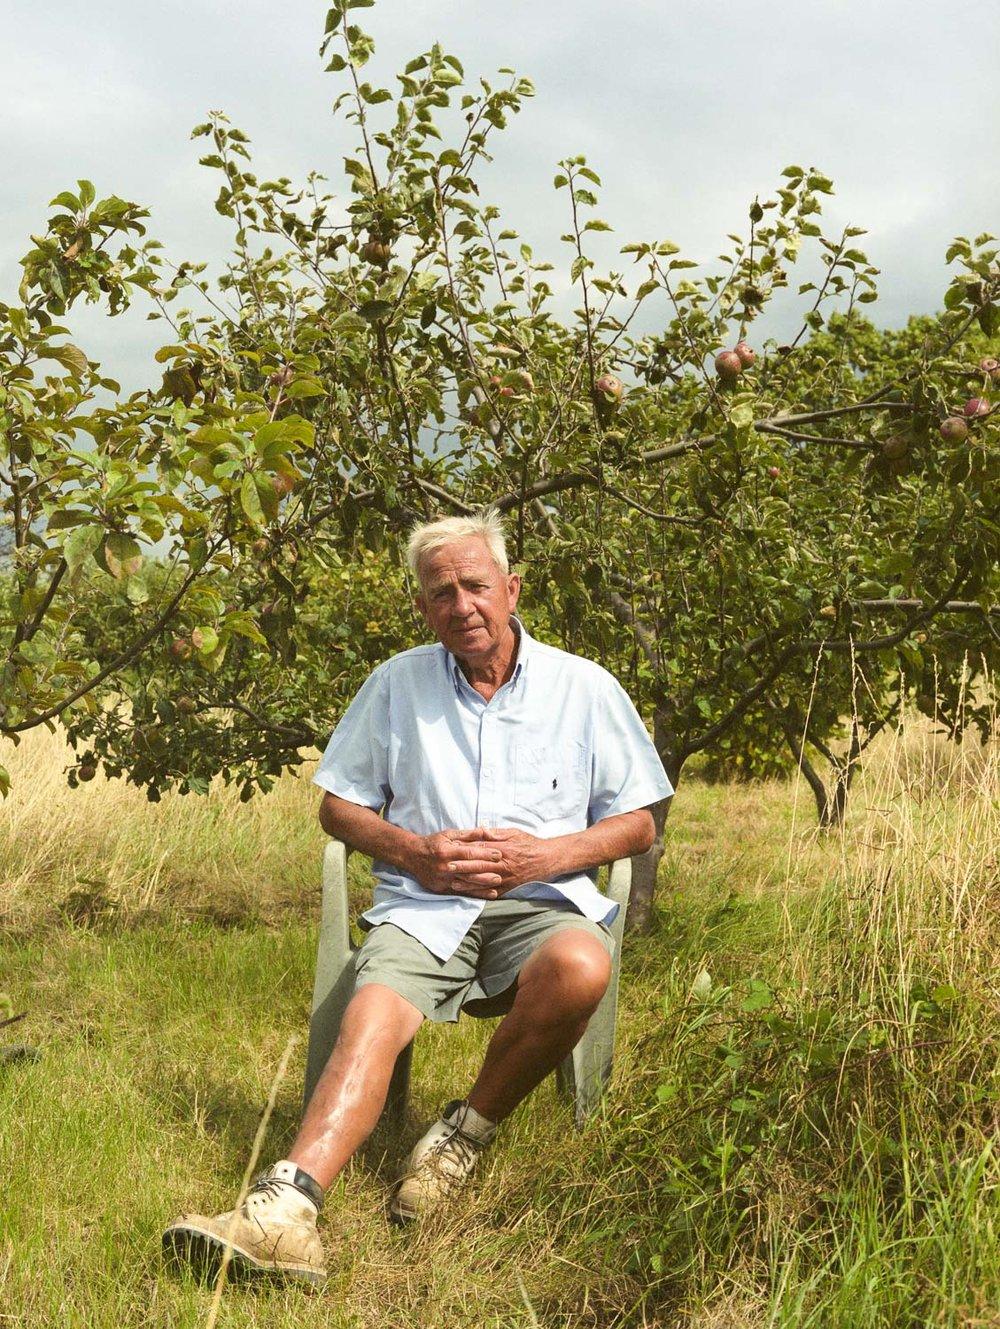 Chinbrook Community Orchard, London 2008